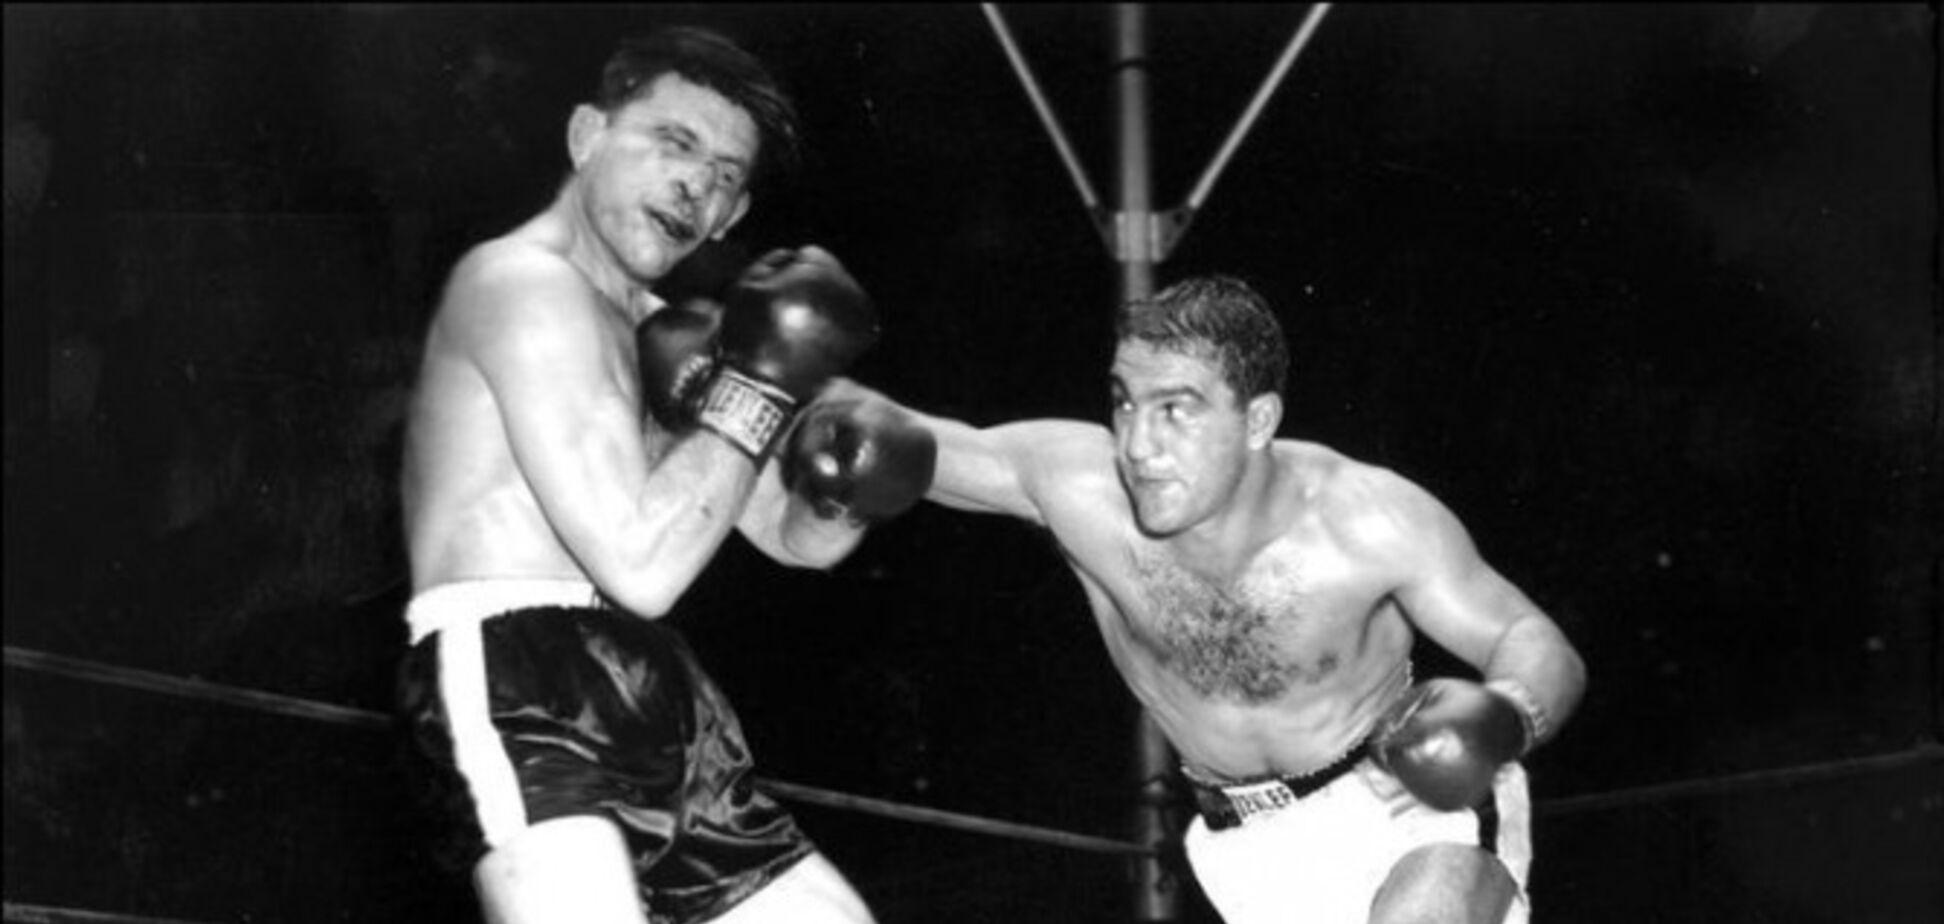 Первый белый за 15 лет: 8 бомбических фактов из истории бокса